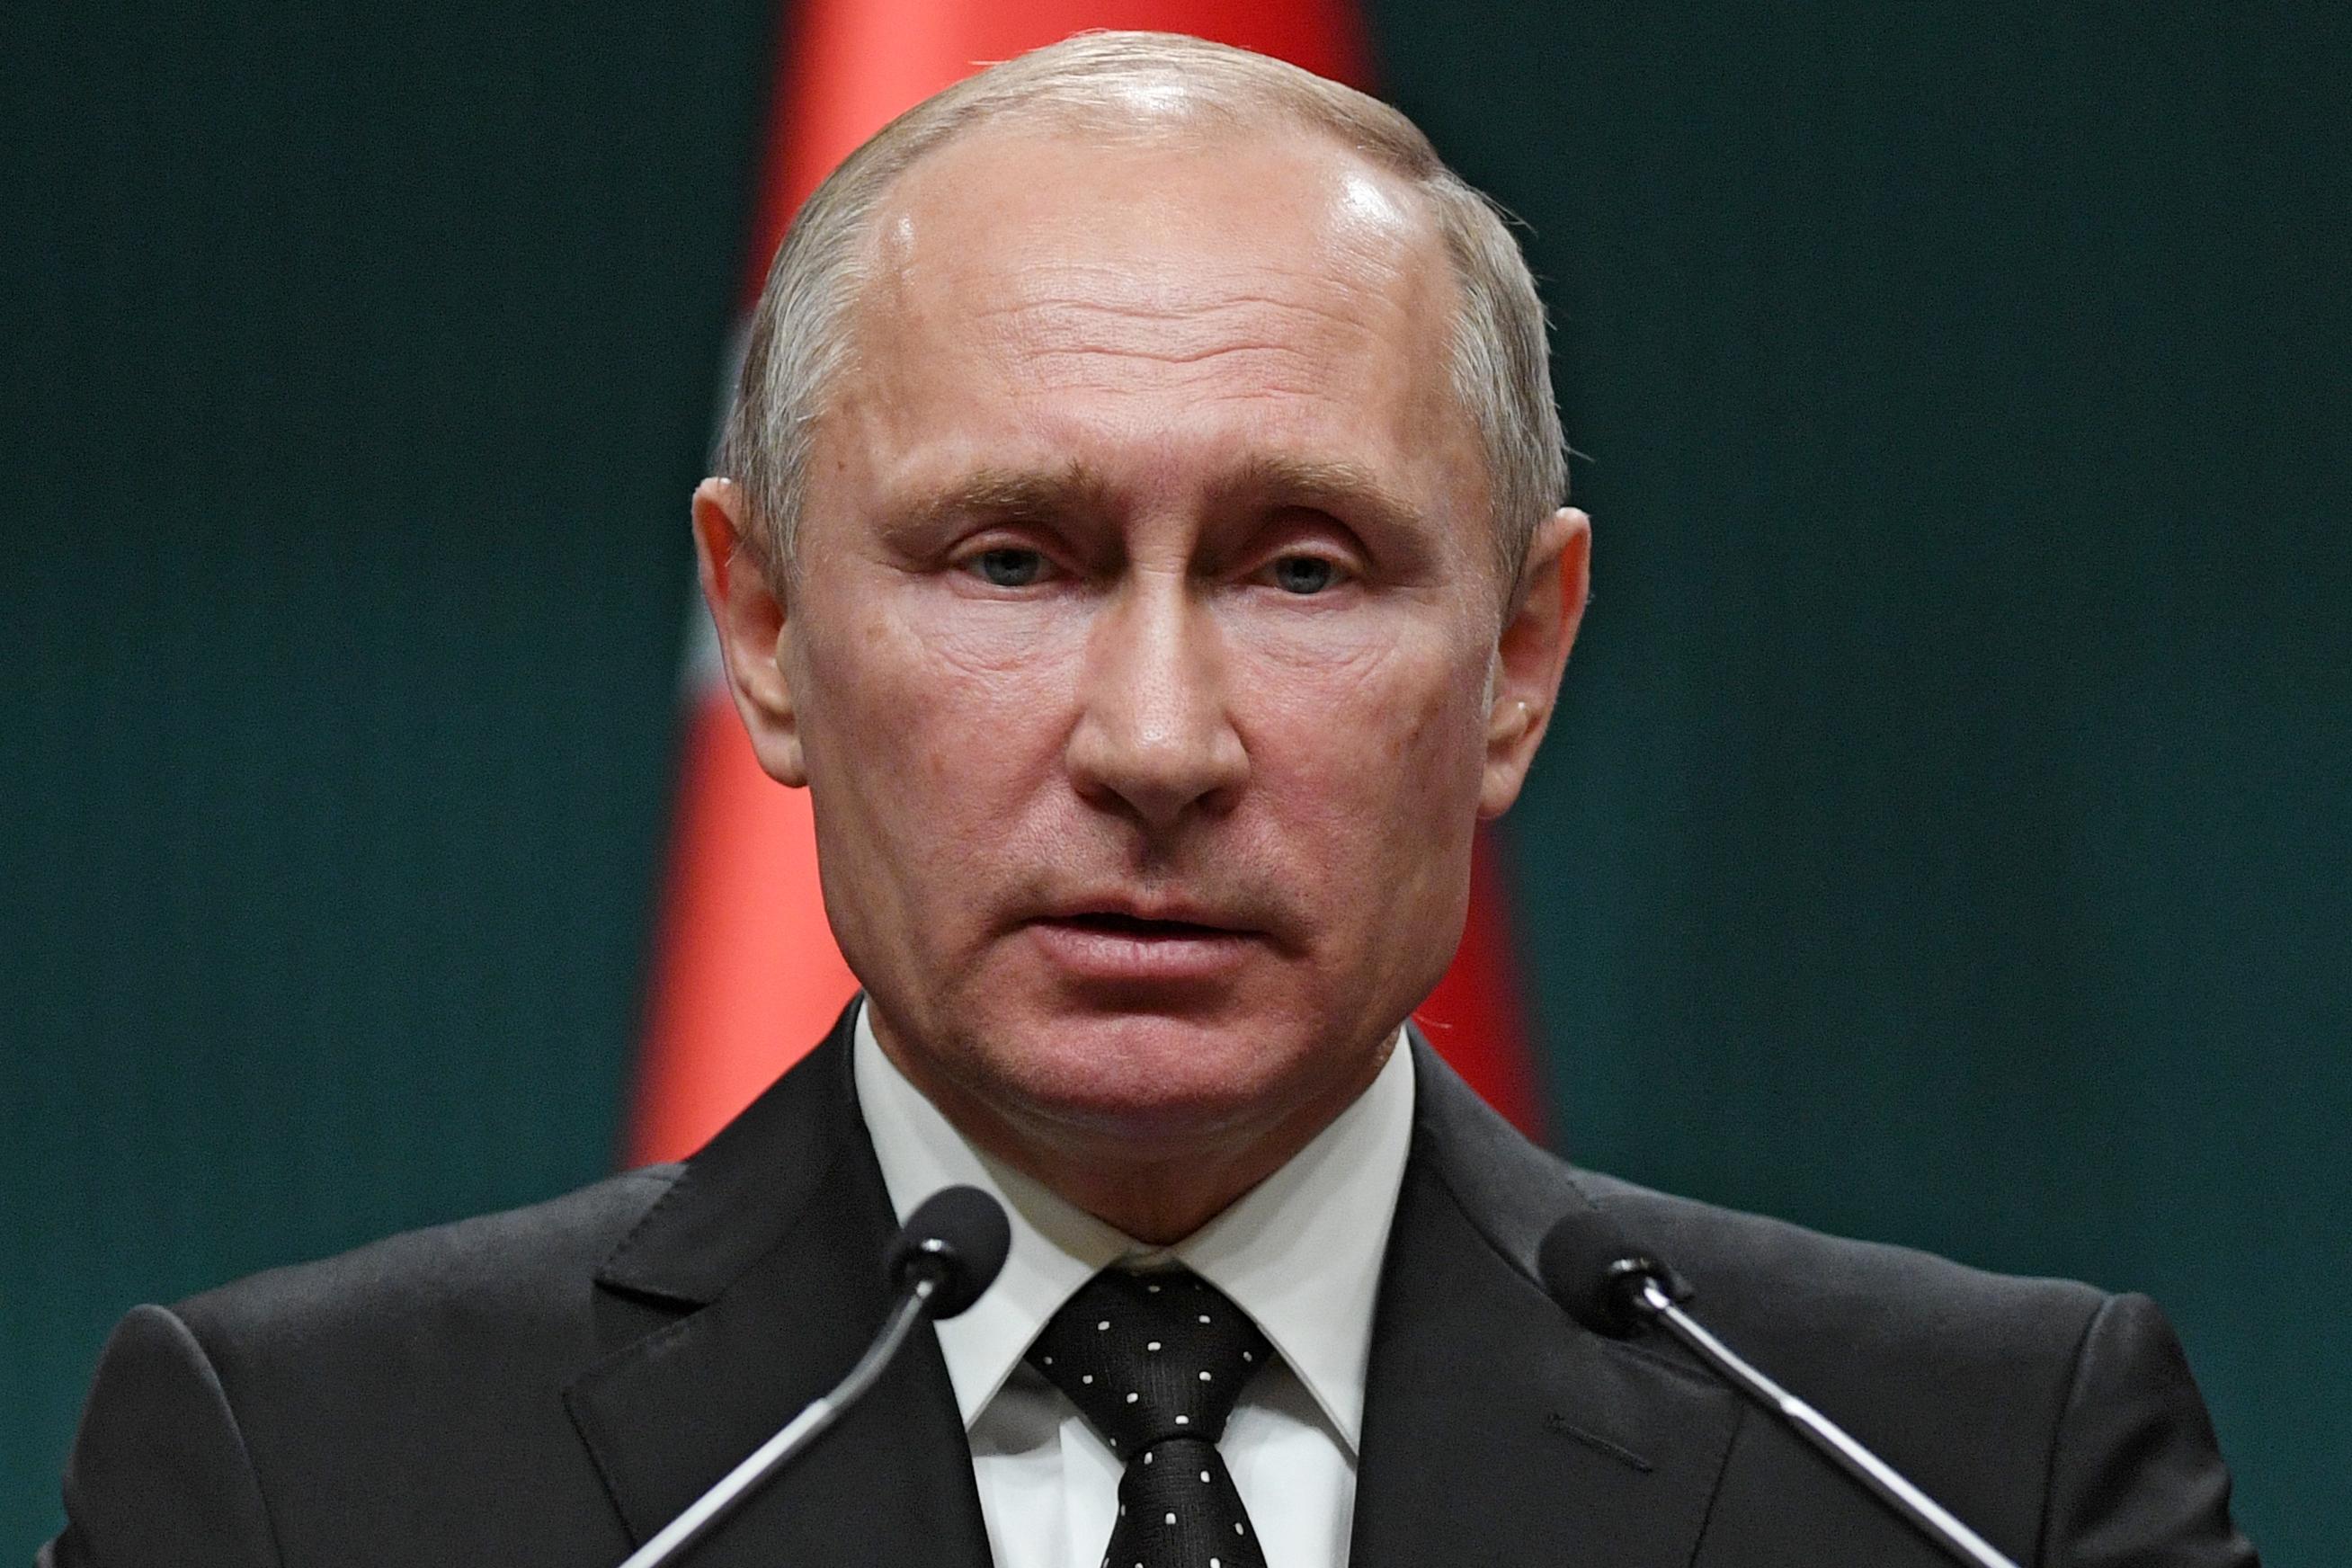 Putyin szerint Oroszország nem sértette meg az INF-szerződést, de ha az USA kilép, kénytelen lesz válaszolni